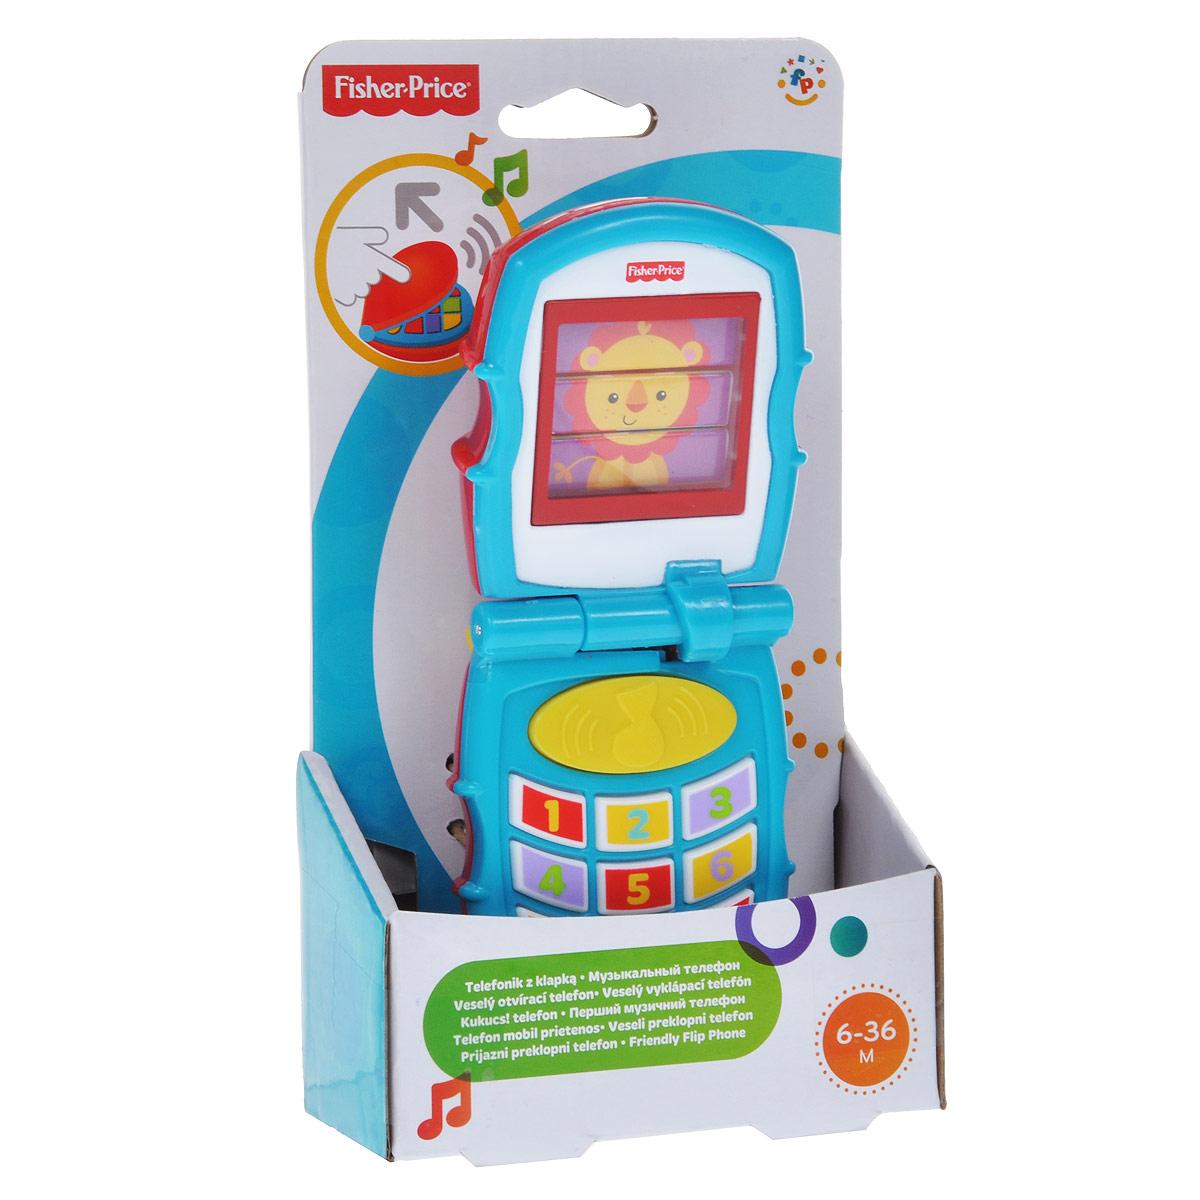 Fisher-Price Infant Музыкальная игрушка Раскладной телефон ящик универсальный альтернатива раскладной 38 5 х 25 5 см